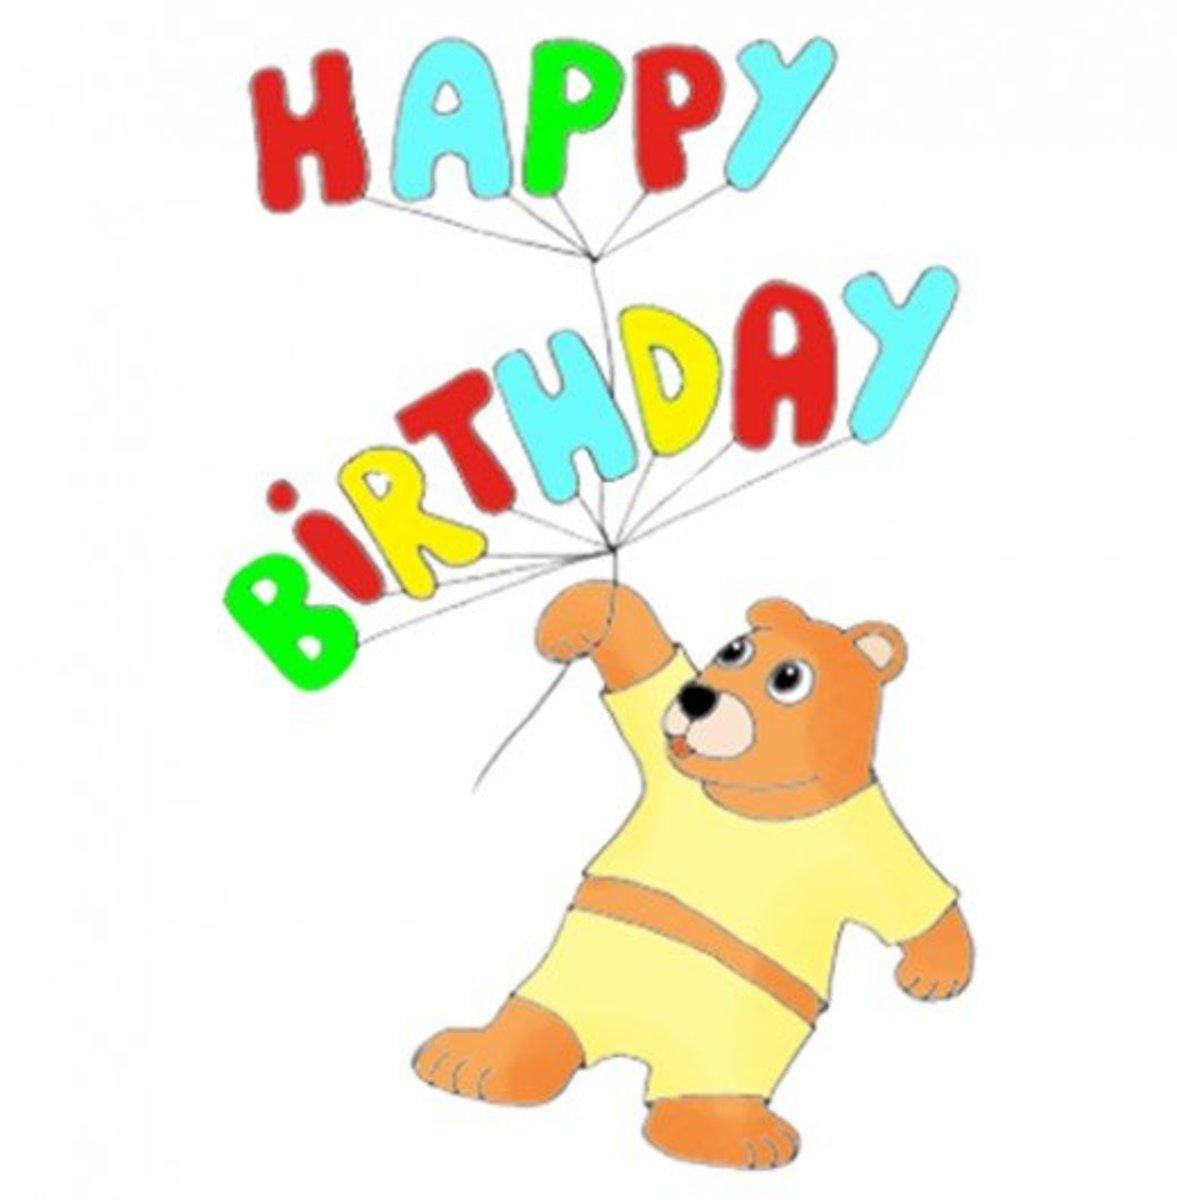 Happy Birthday with a Teddy Bear